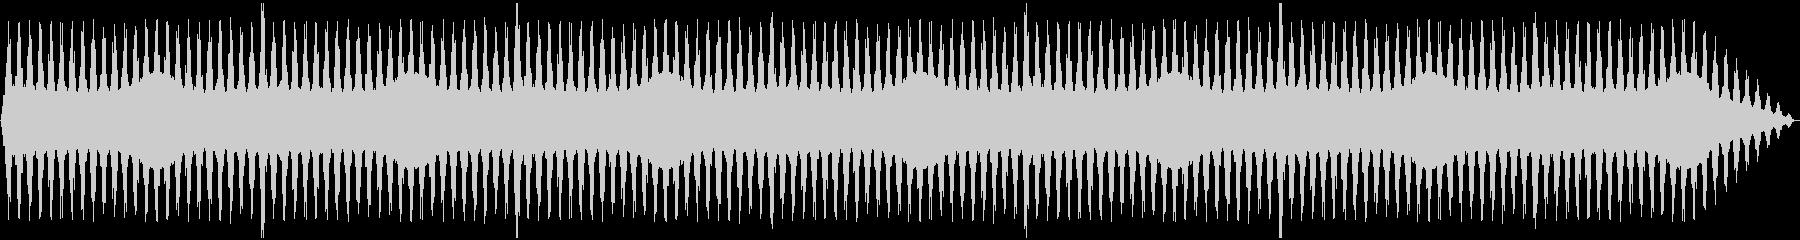 悪夢の未再生の波形